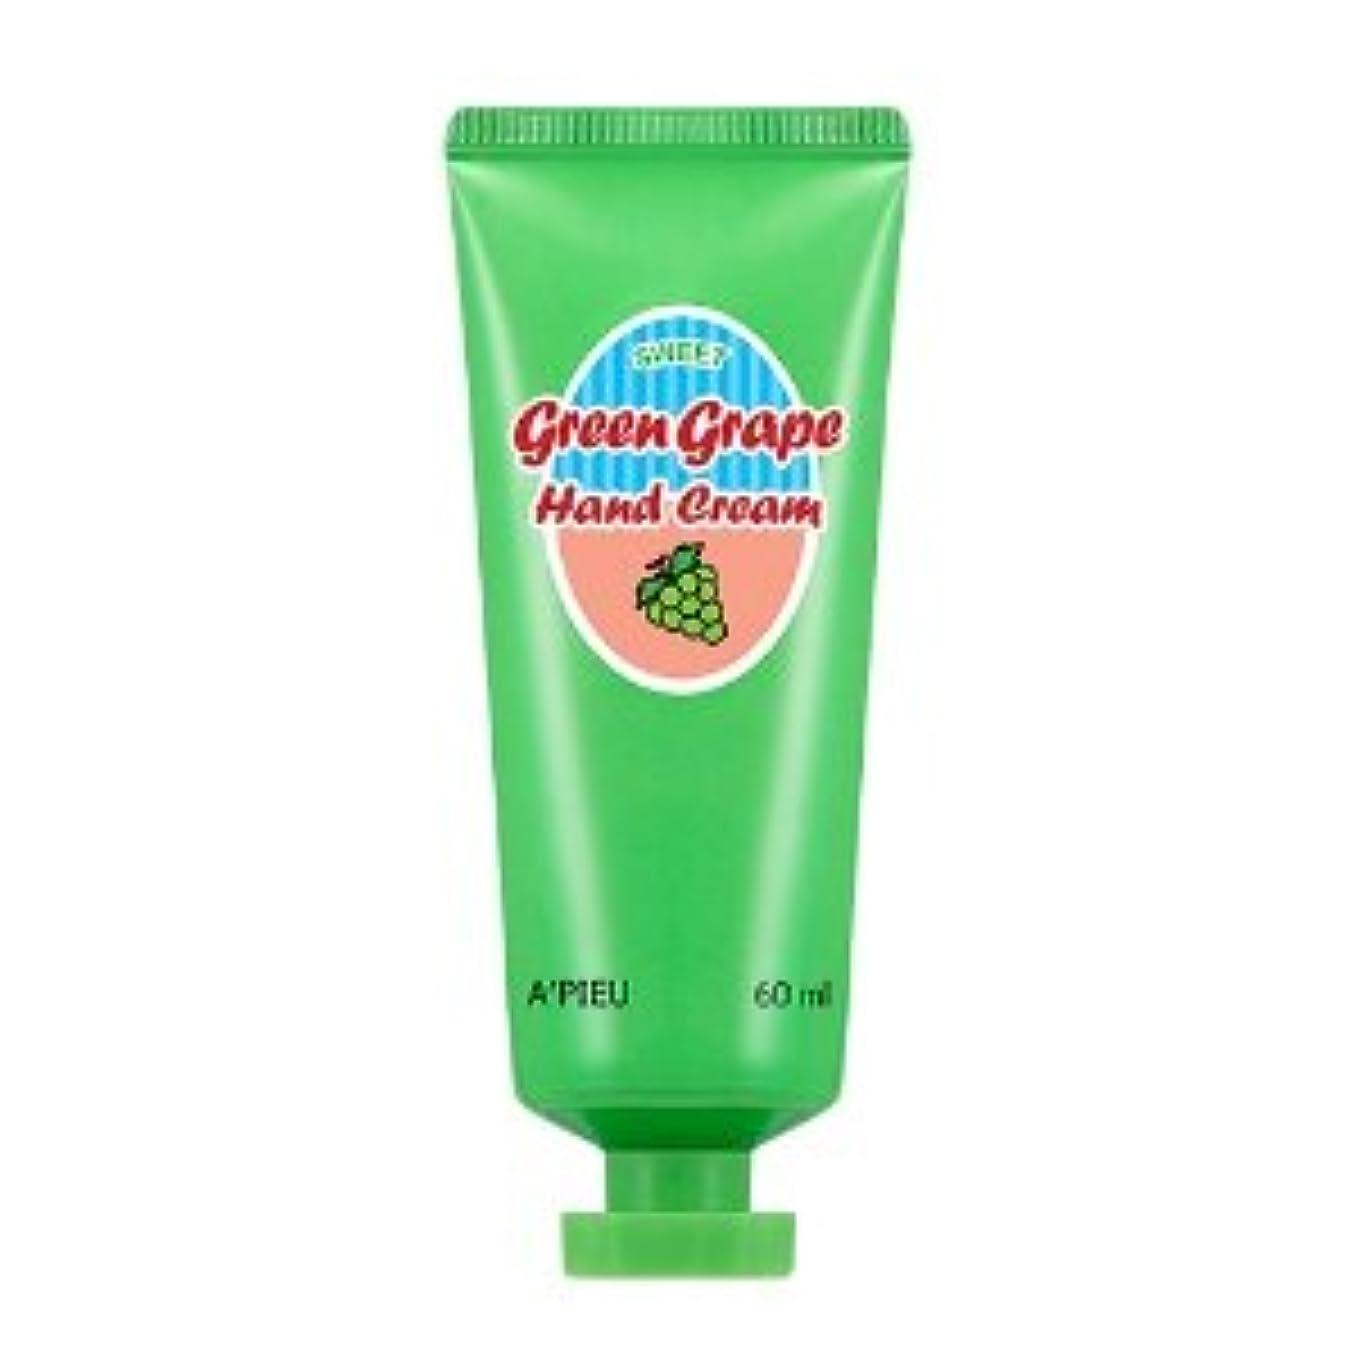 悲しみ悲観主義者経営者APIEU fruits hand cream アピュ フルーツハンドクリーム (GREEN GRAPE) [並行輸入品]